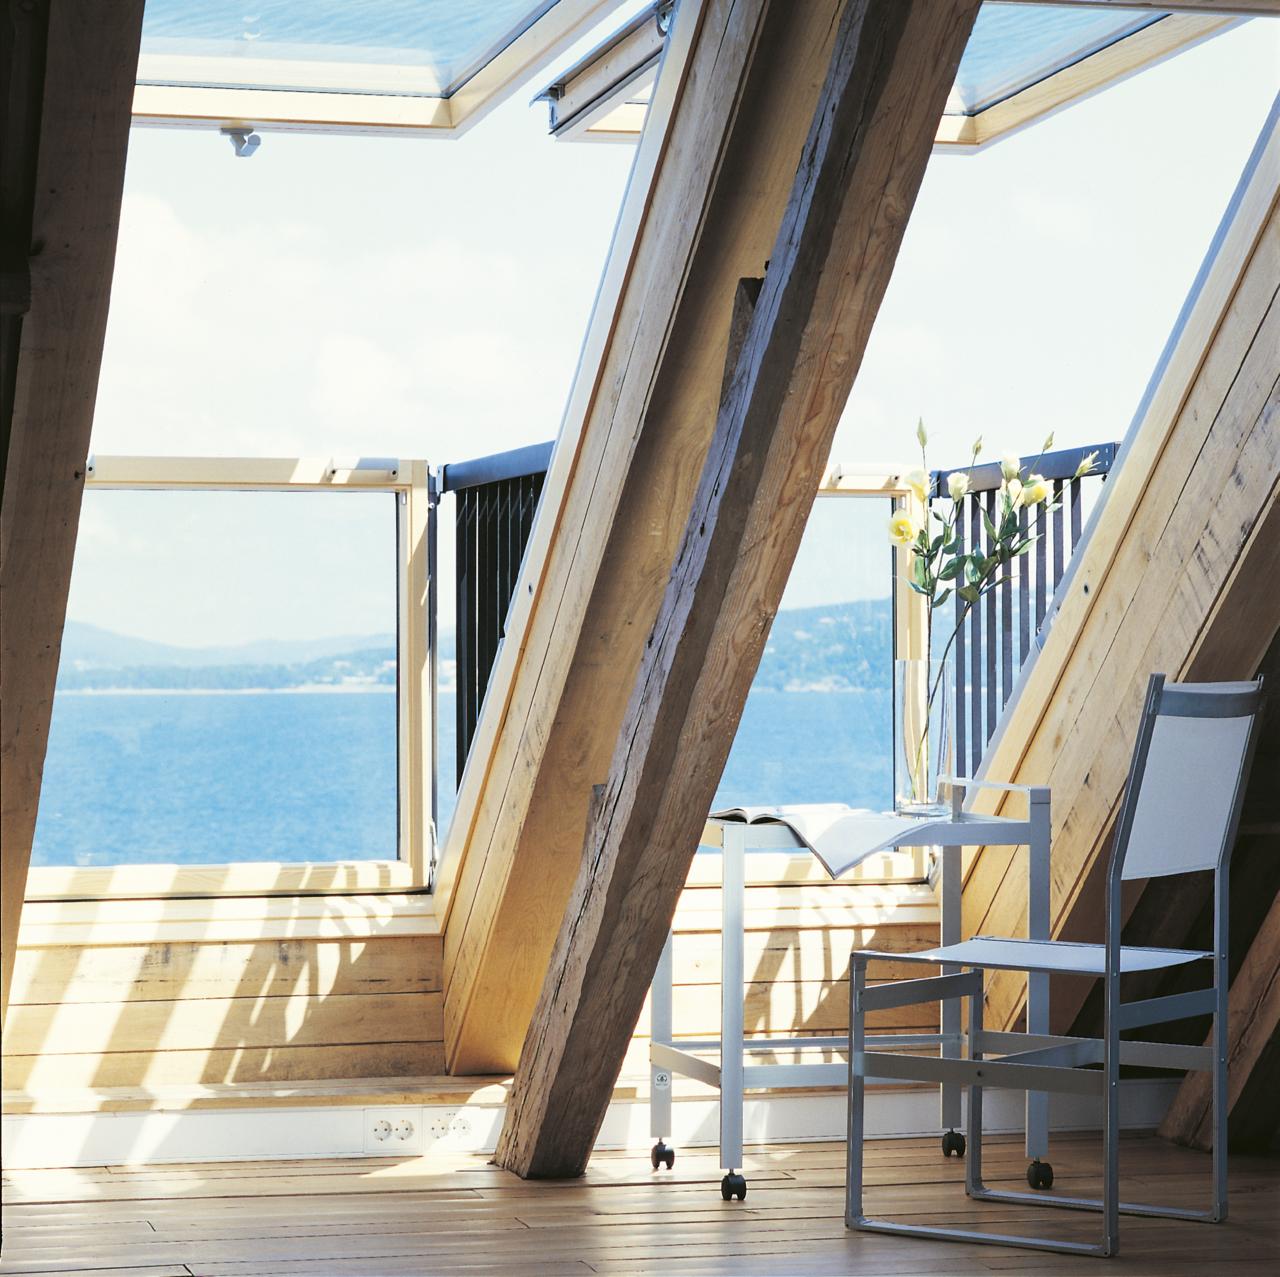 La finestra a balcone belvedere a sorpresa for Velux finestre balcone